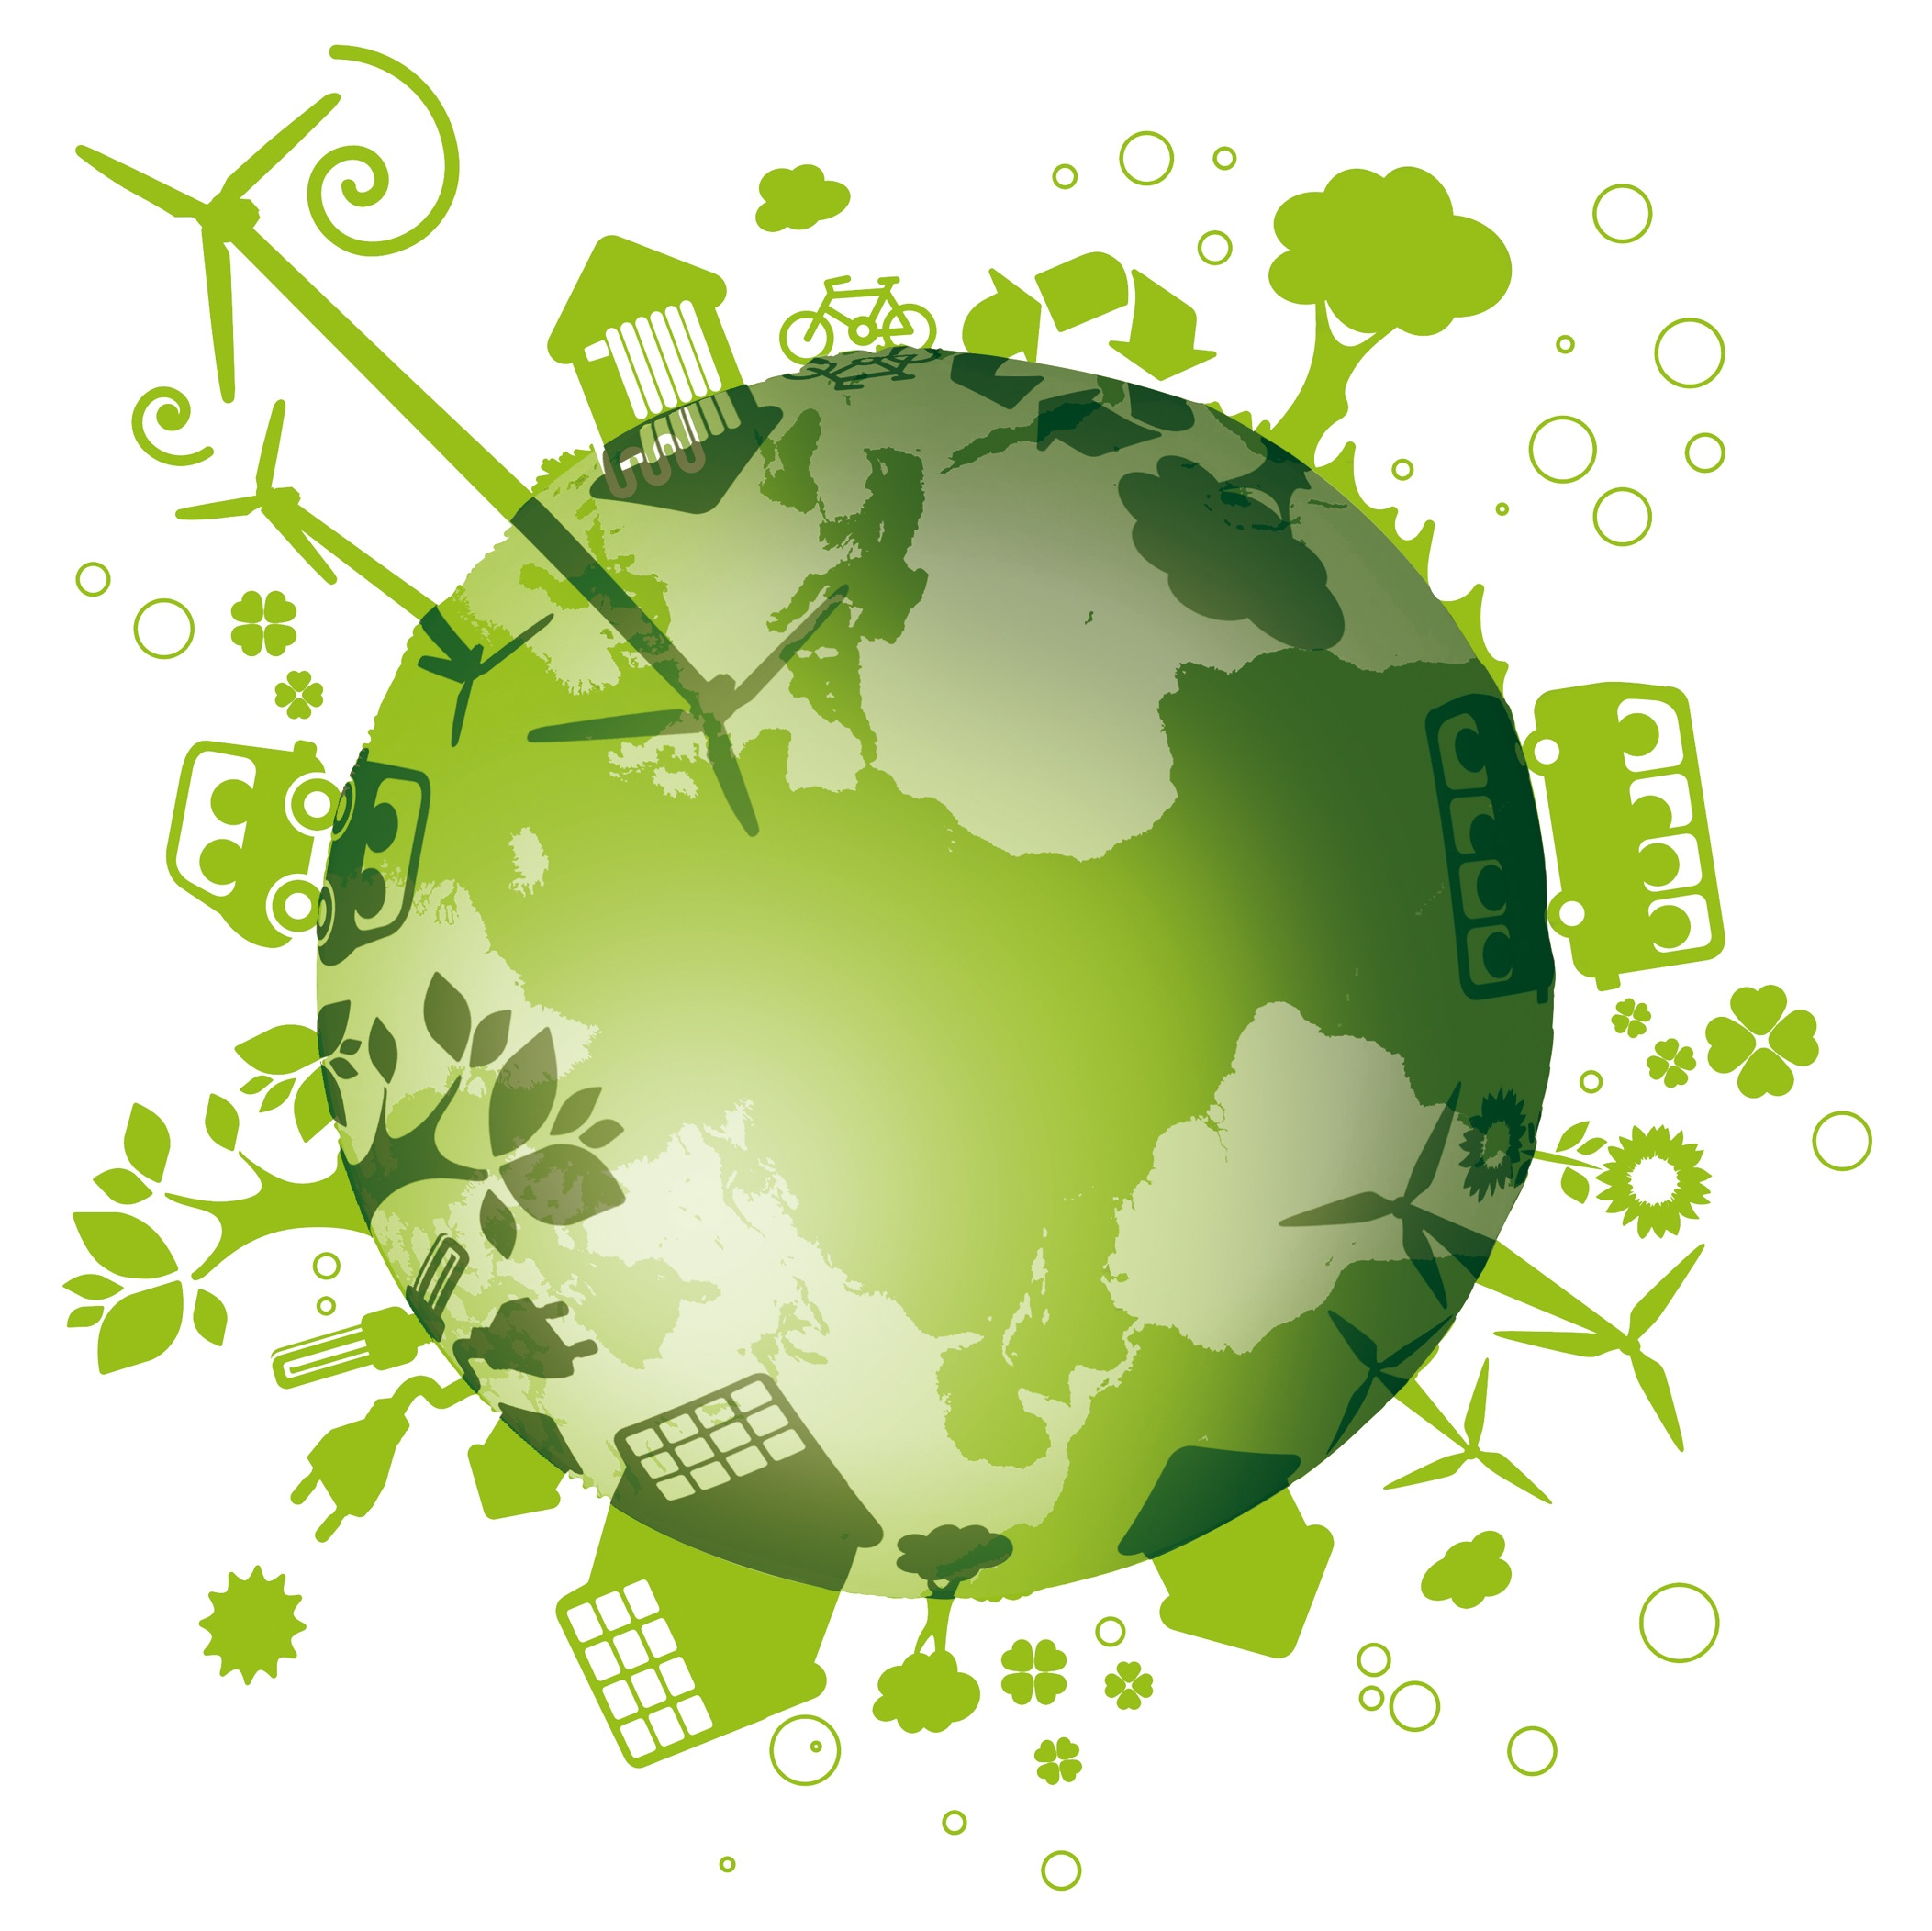 2012-06-21-green-economy